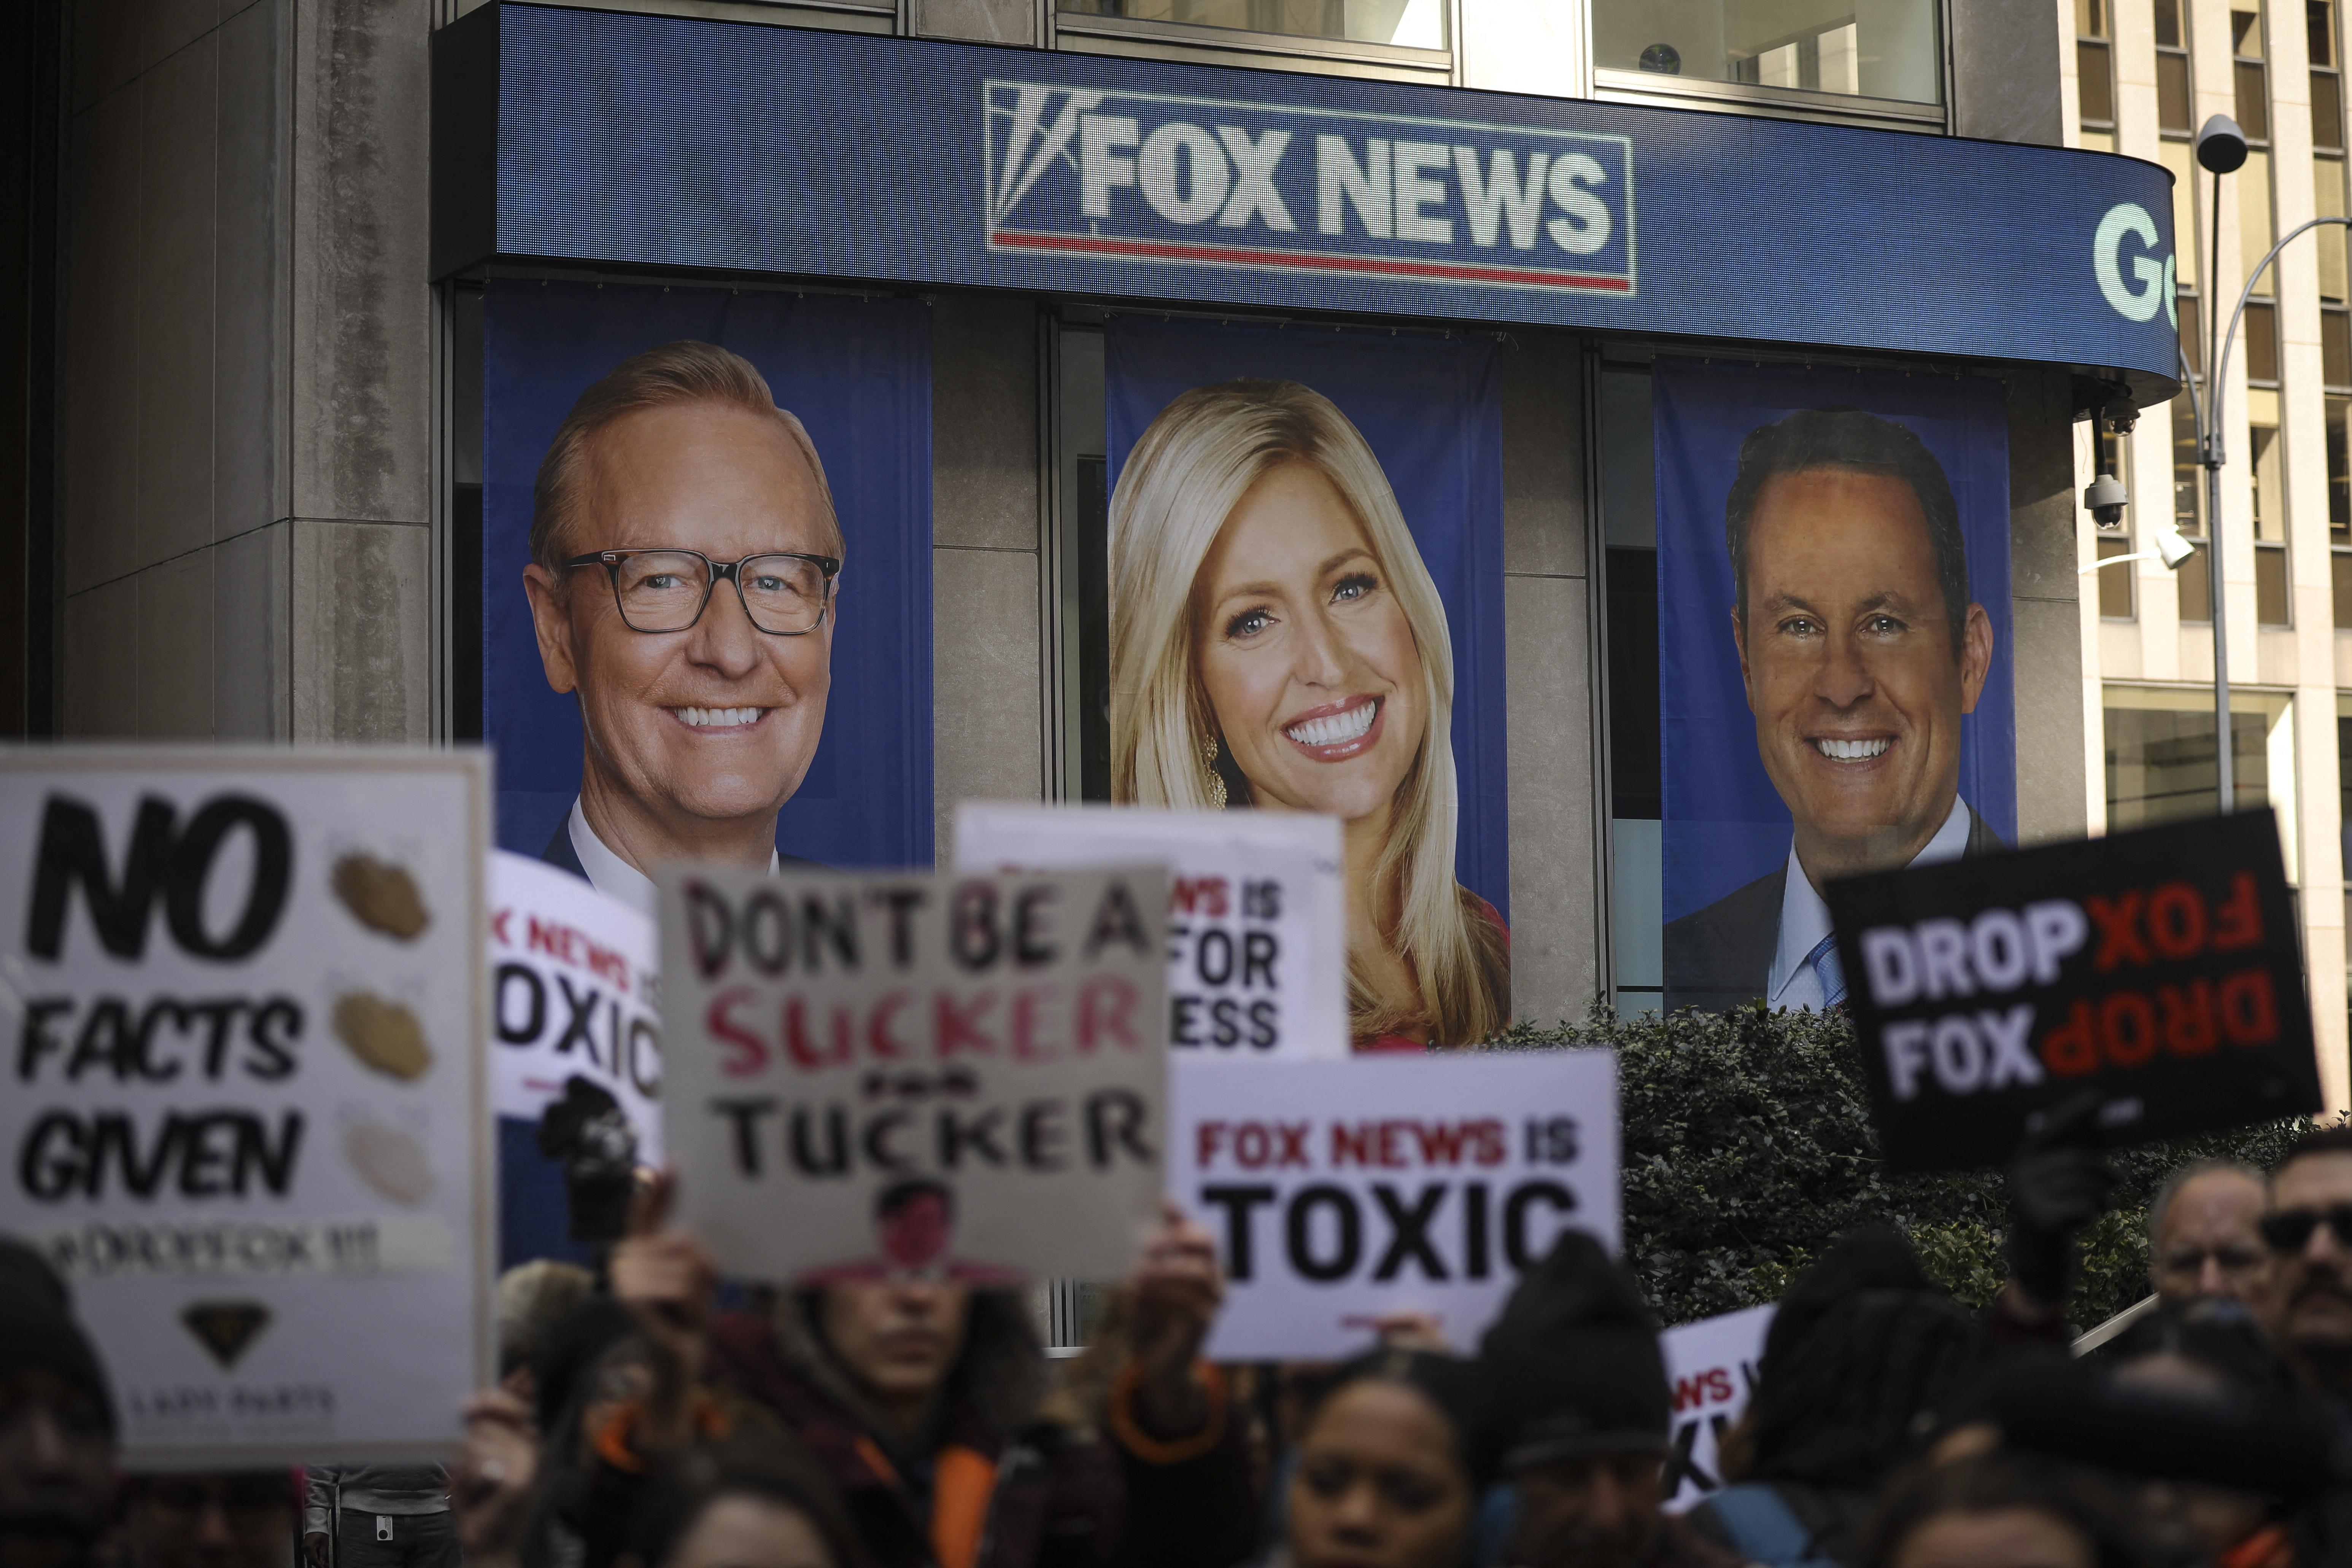 A Fox News egymillió dolláros büntetést kapott szexuális zaklatási ügyek és munkahelyi megtorlás miatt